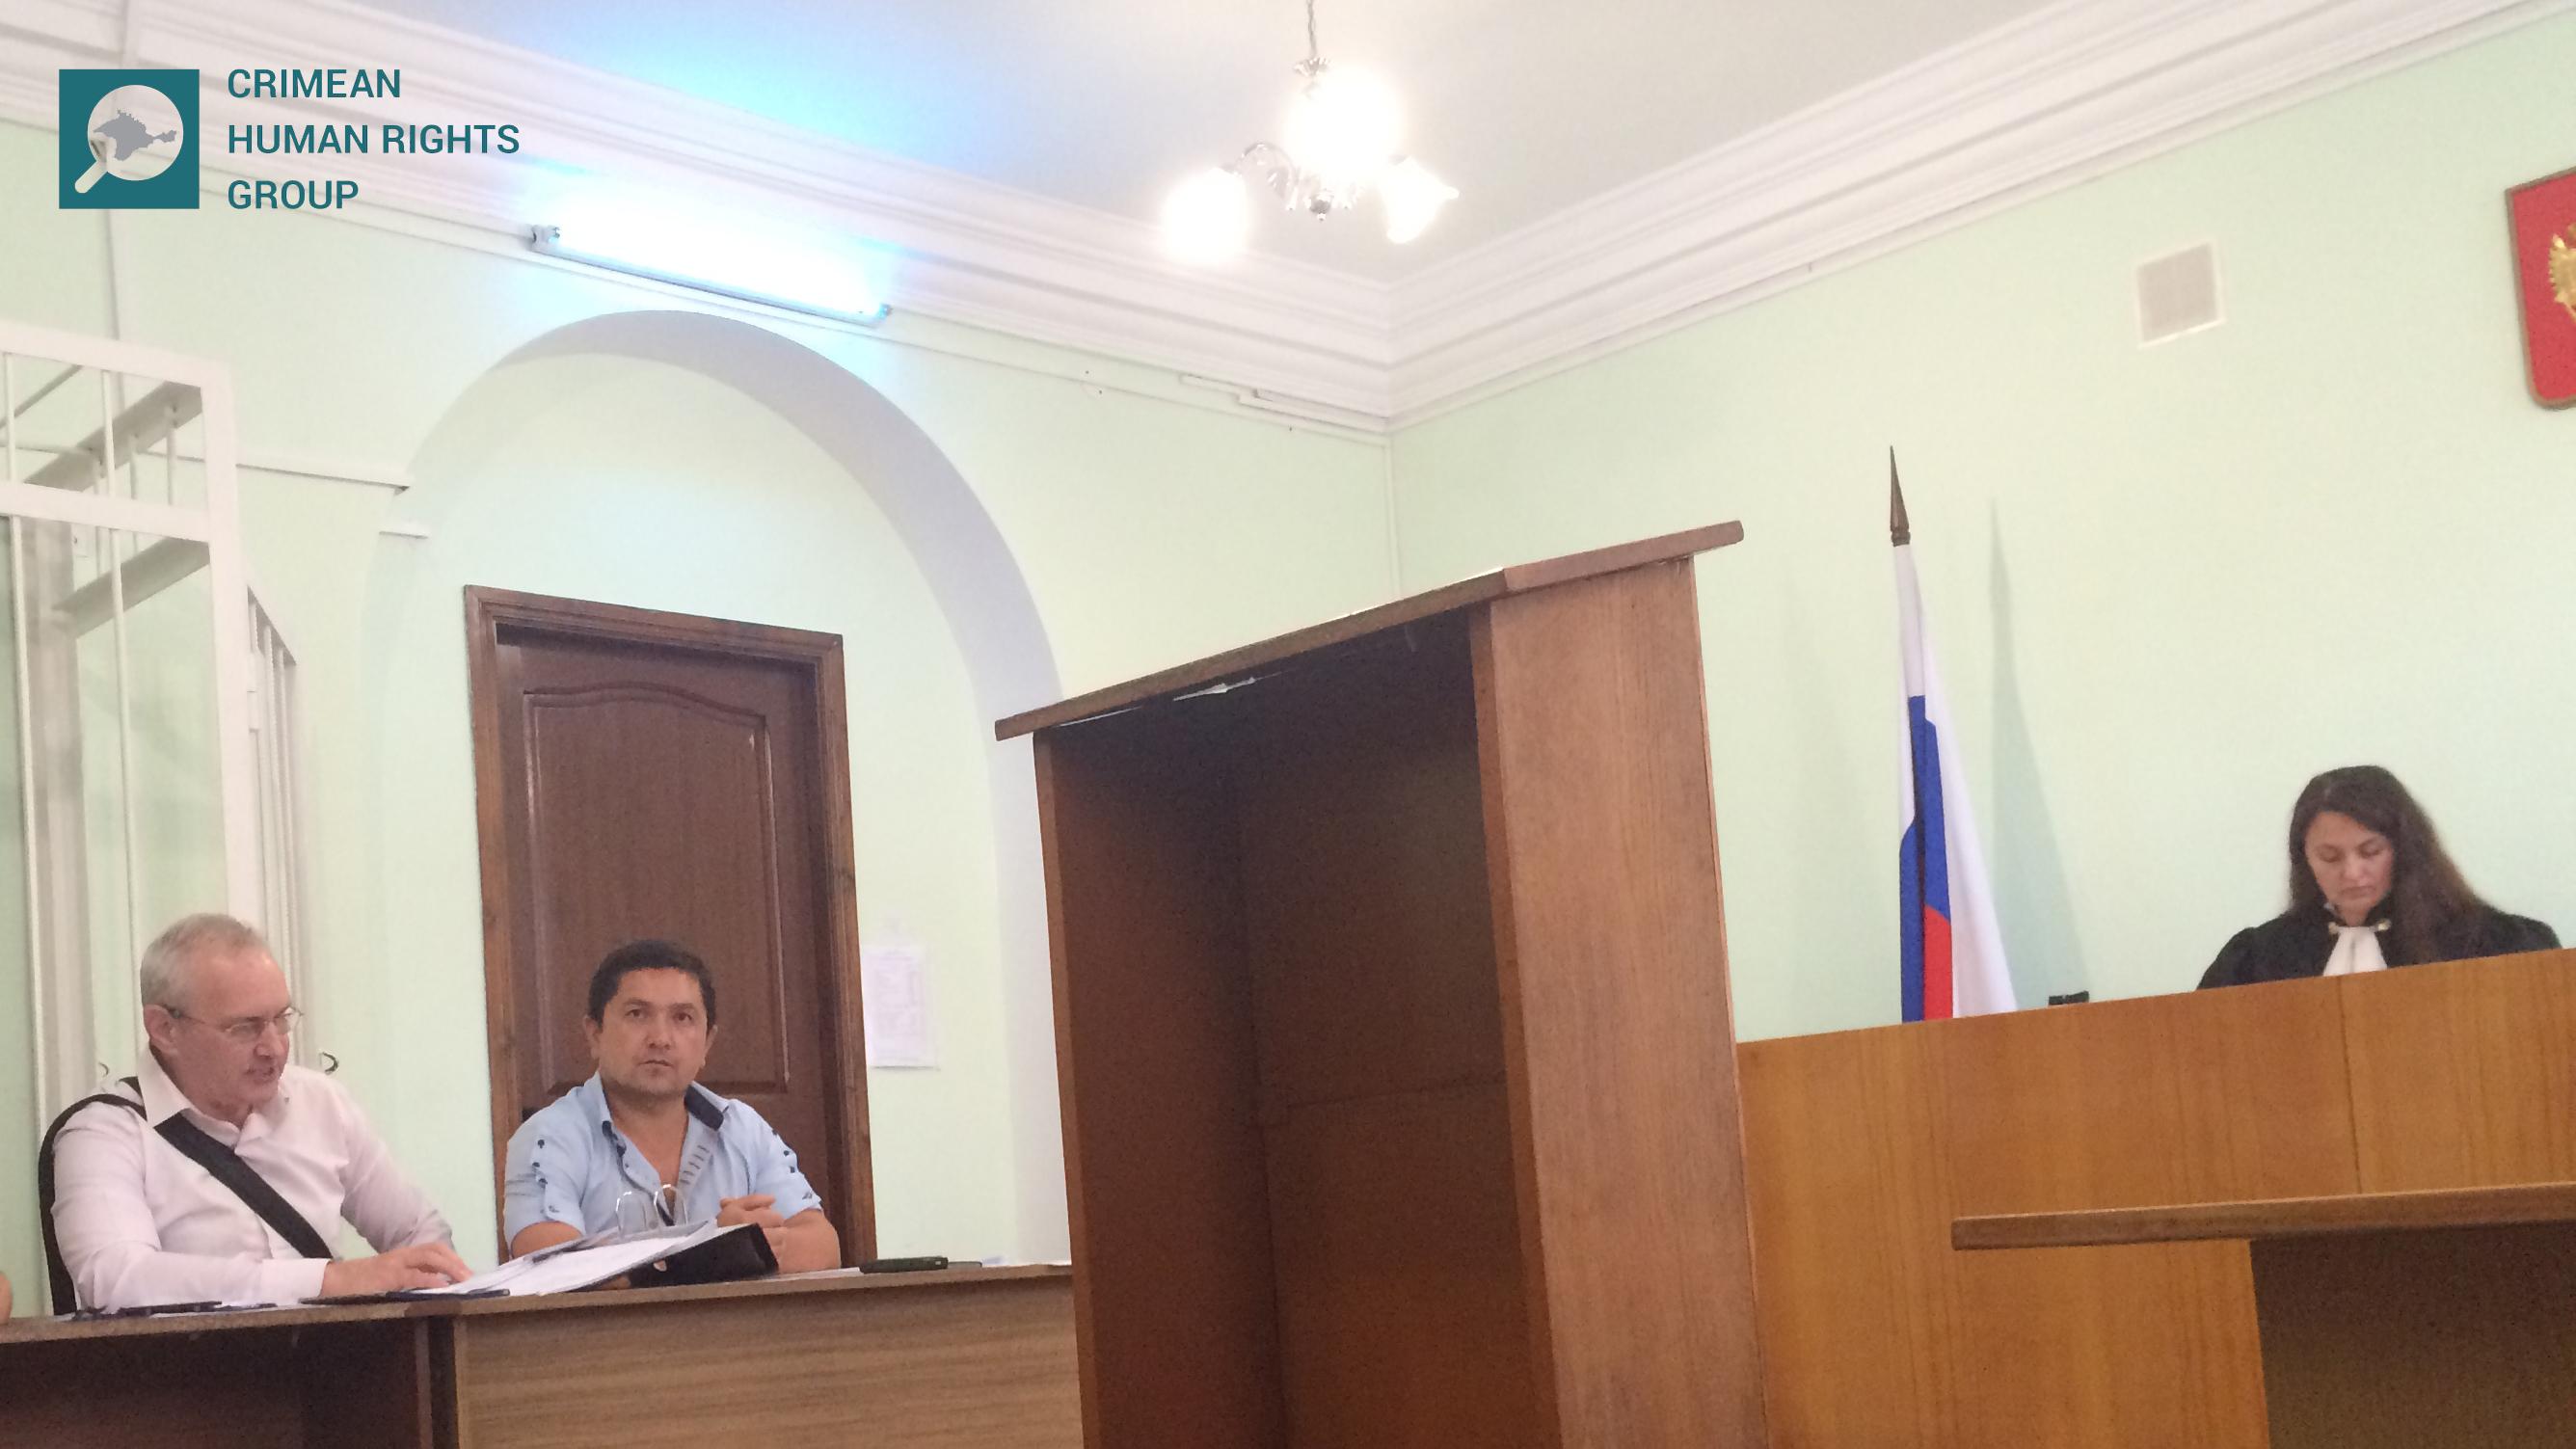 В Севастополе оштрафовали активиста за организацию мирного собрания